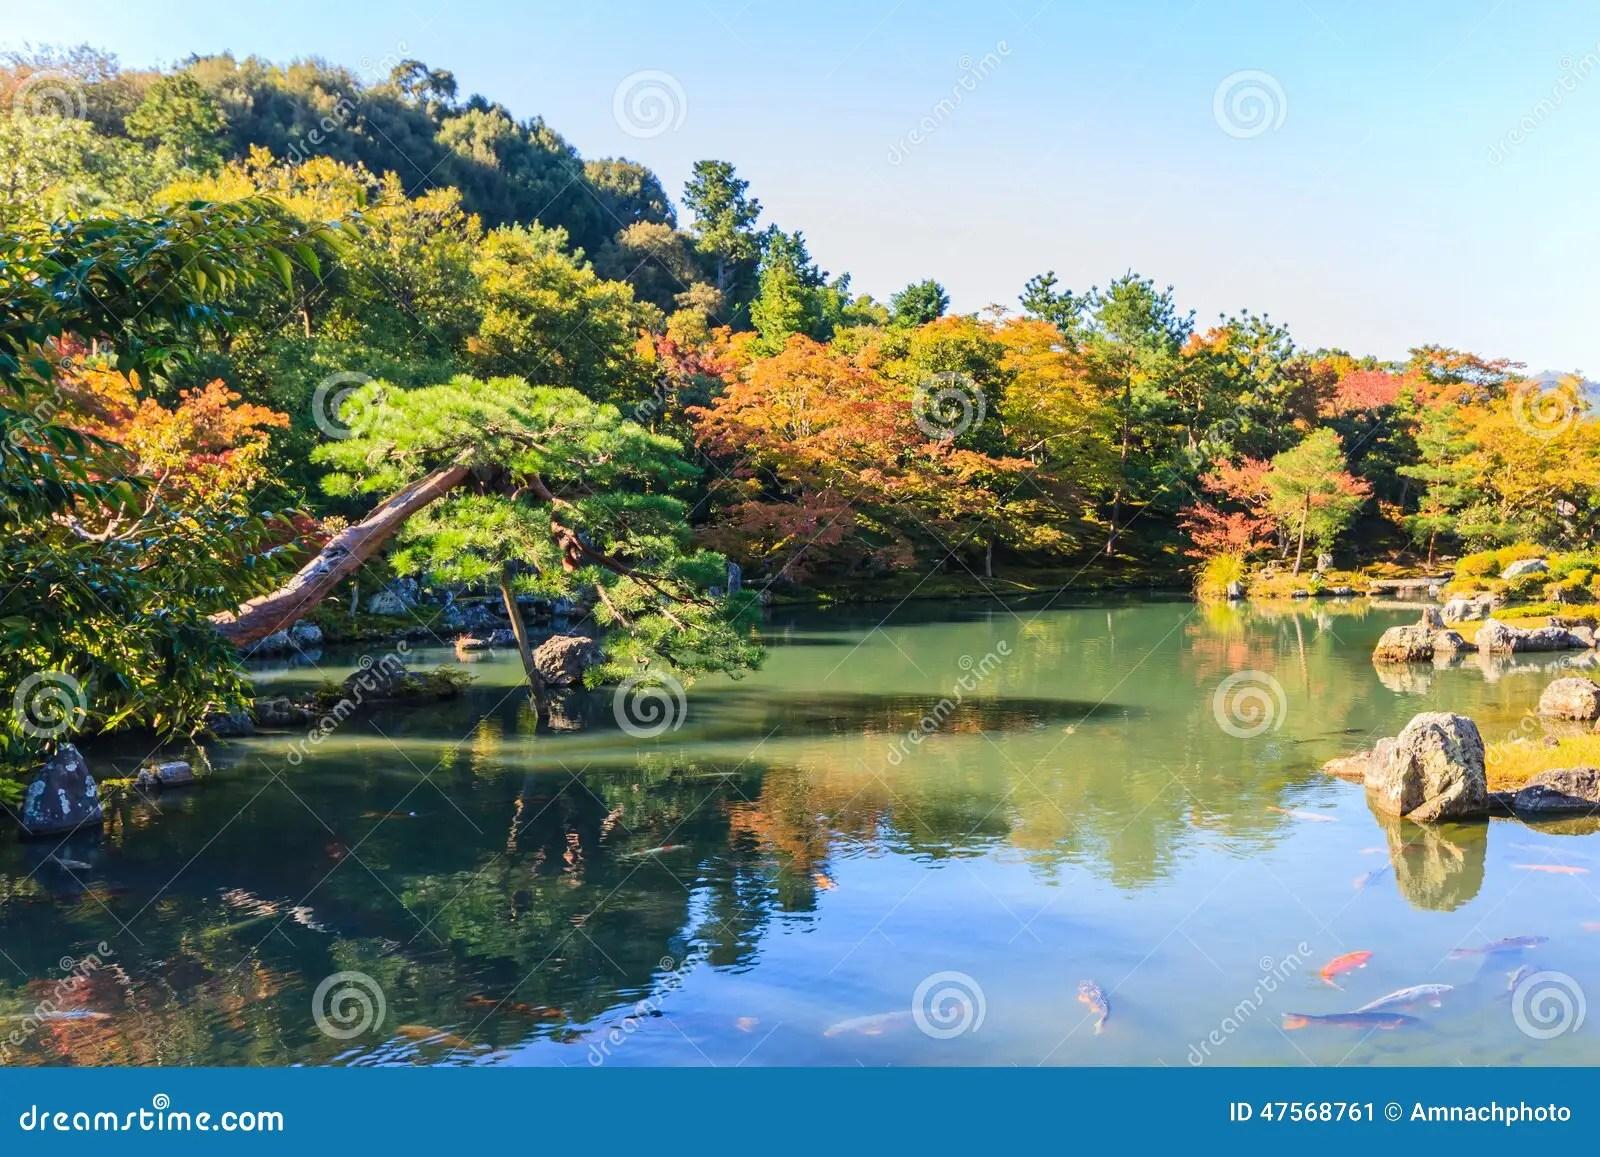 Garten Und Teich Schone Garten Mit Teich Modell Conanpartners